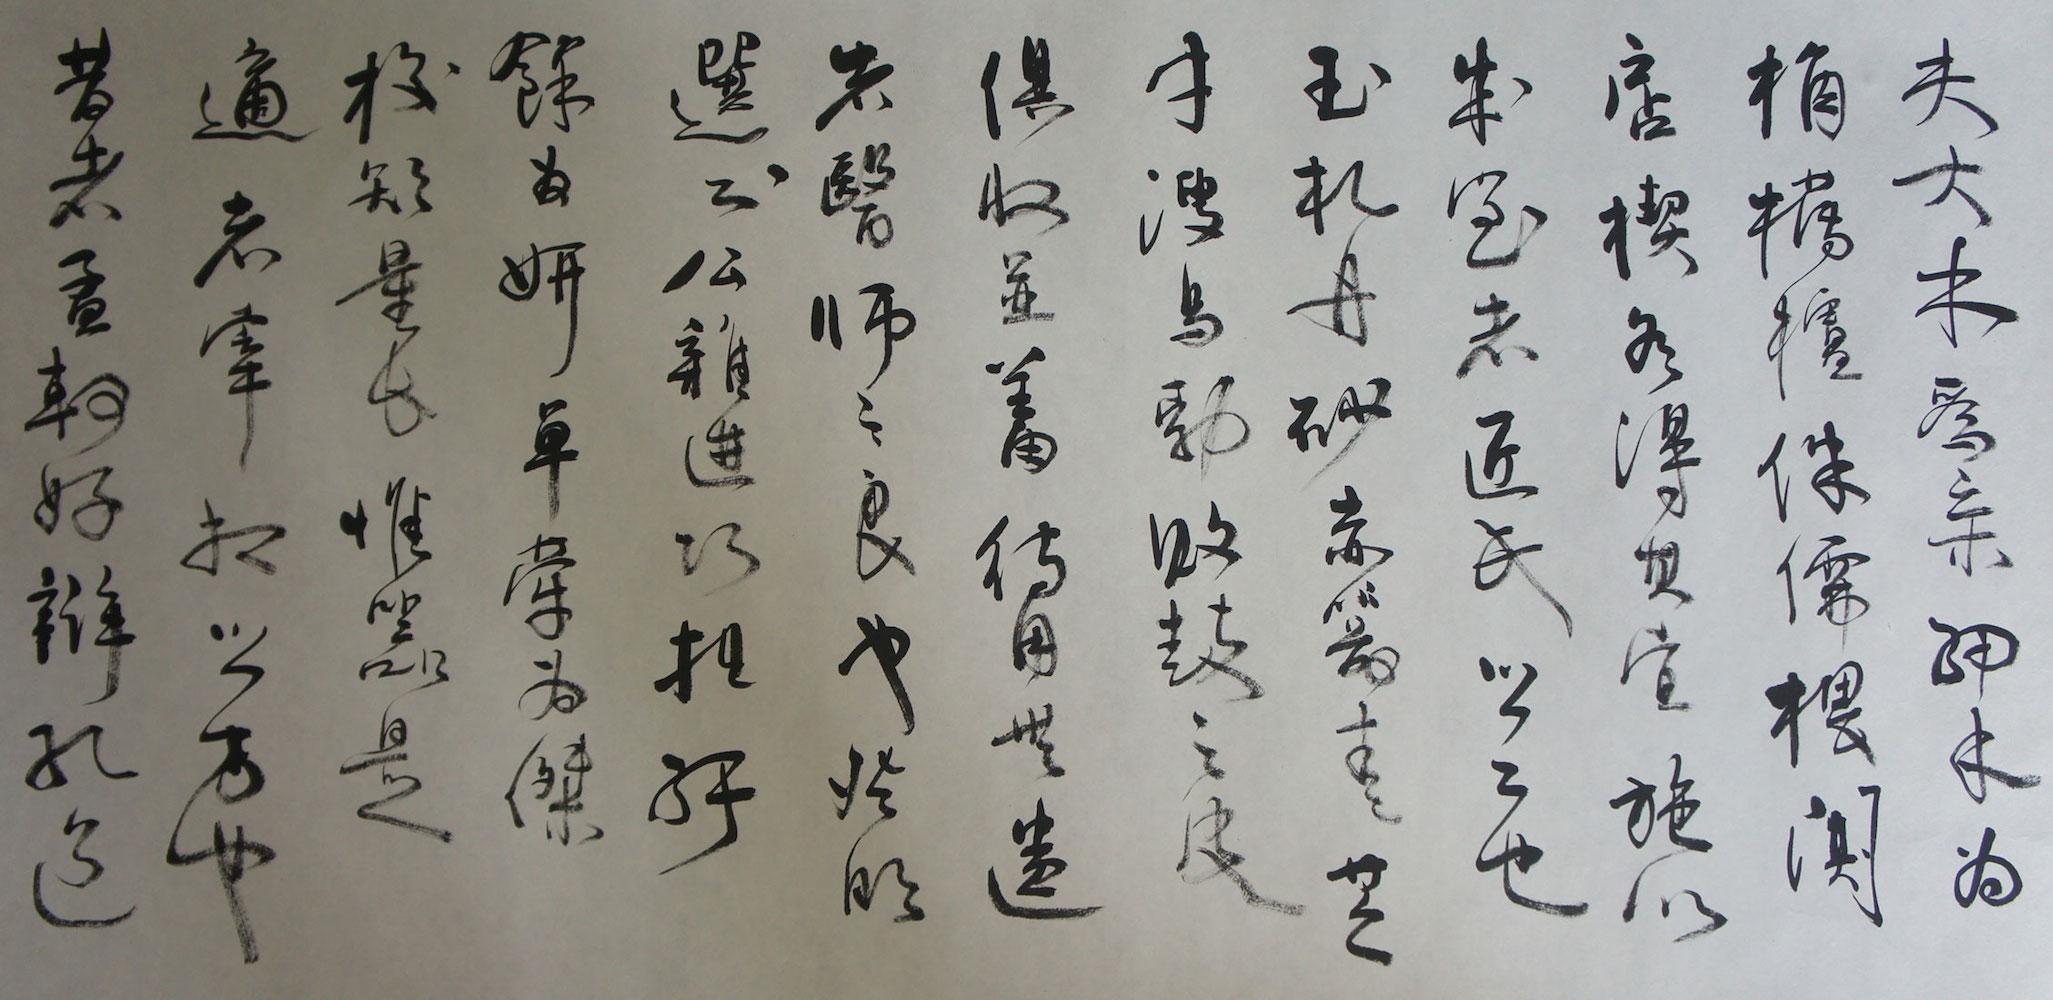 鄭楚雄 書法 韓愈《進學解》(節錄)